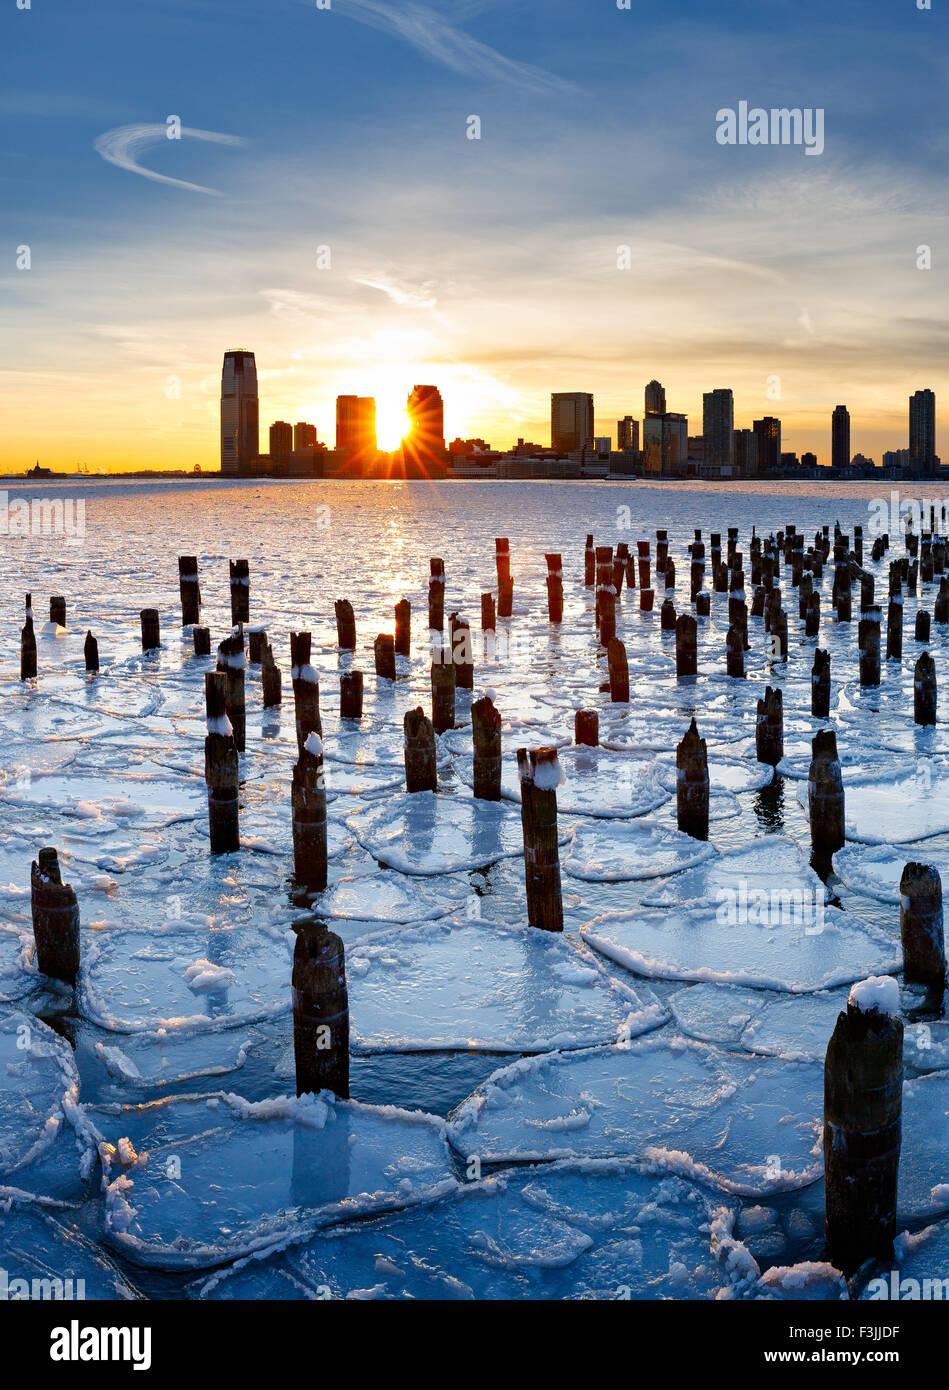 Pilotes de madera desde Nueva York viejo muelle que sobresalen a través del hielo sobre el Río Hudson Imagen De Stock